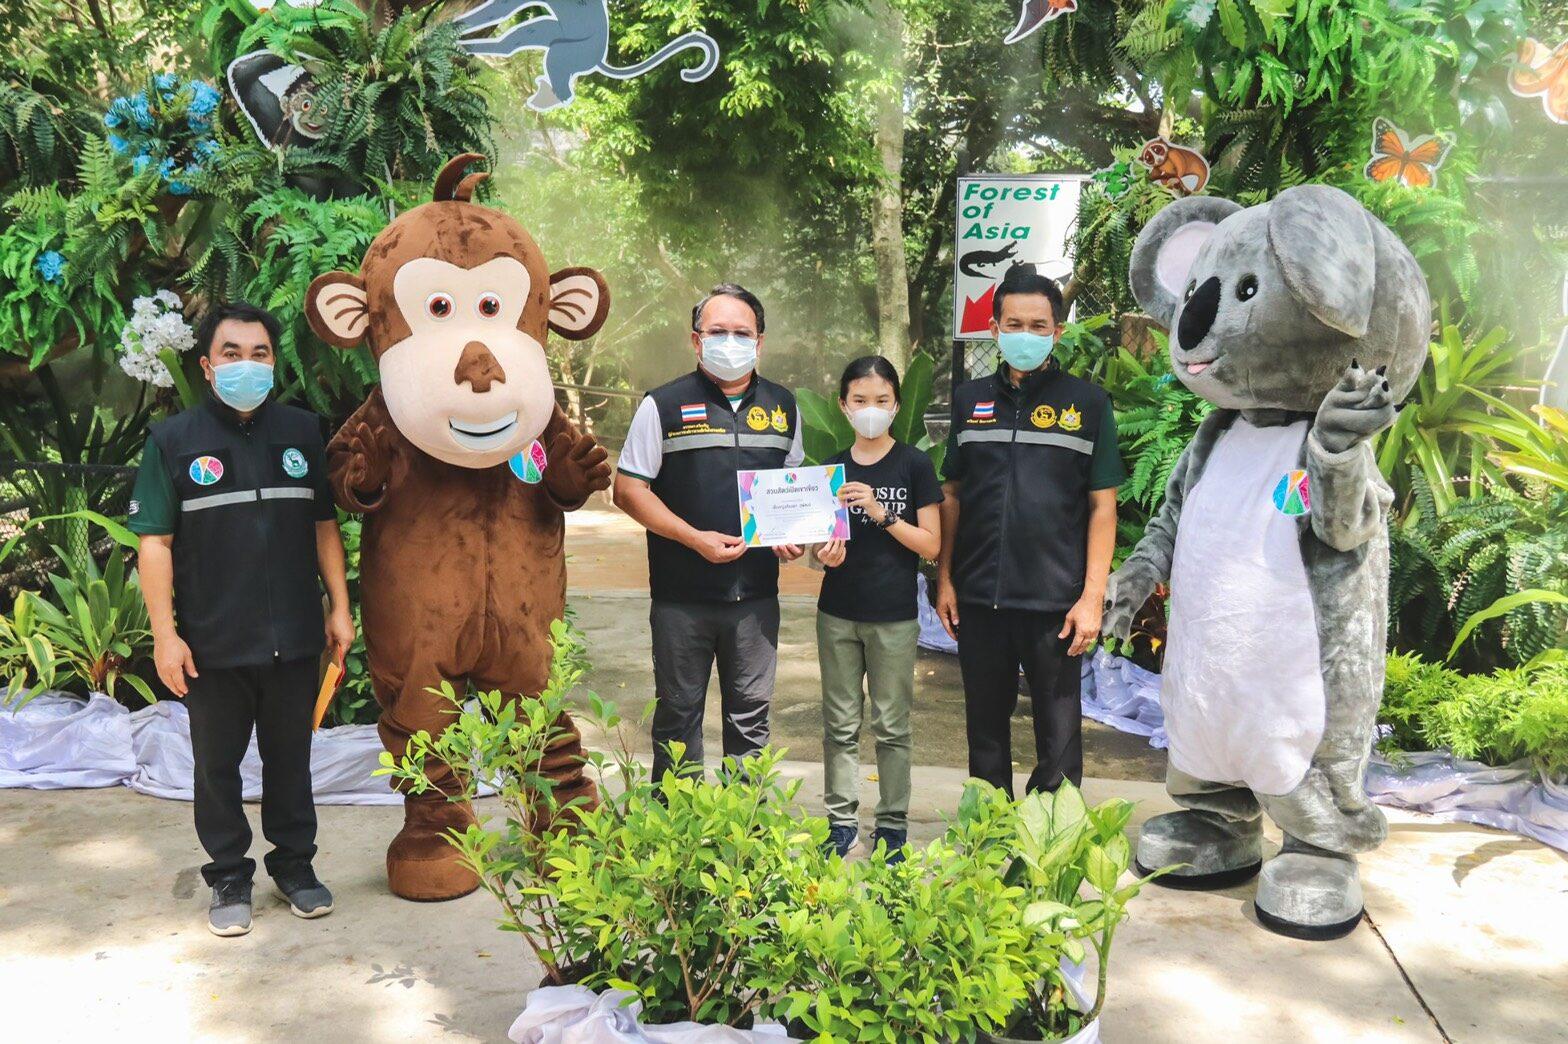 """สวนสัตว์เปิดเขาเขียว เปิดกิจกรรมใหม่ """"Wonderful rain forest"""" สร้างมิติการชมสัตว์"""